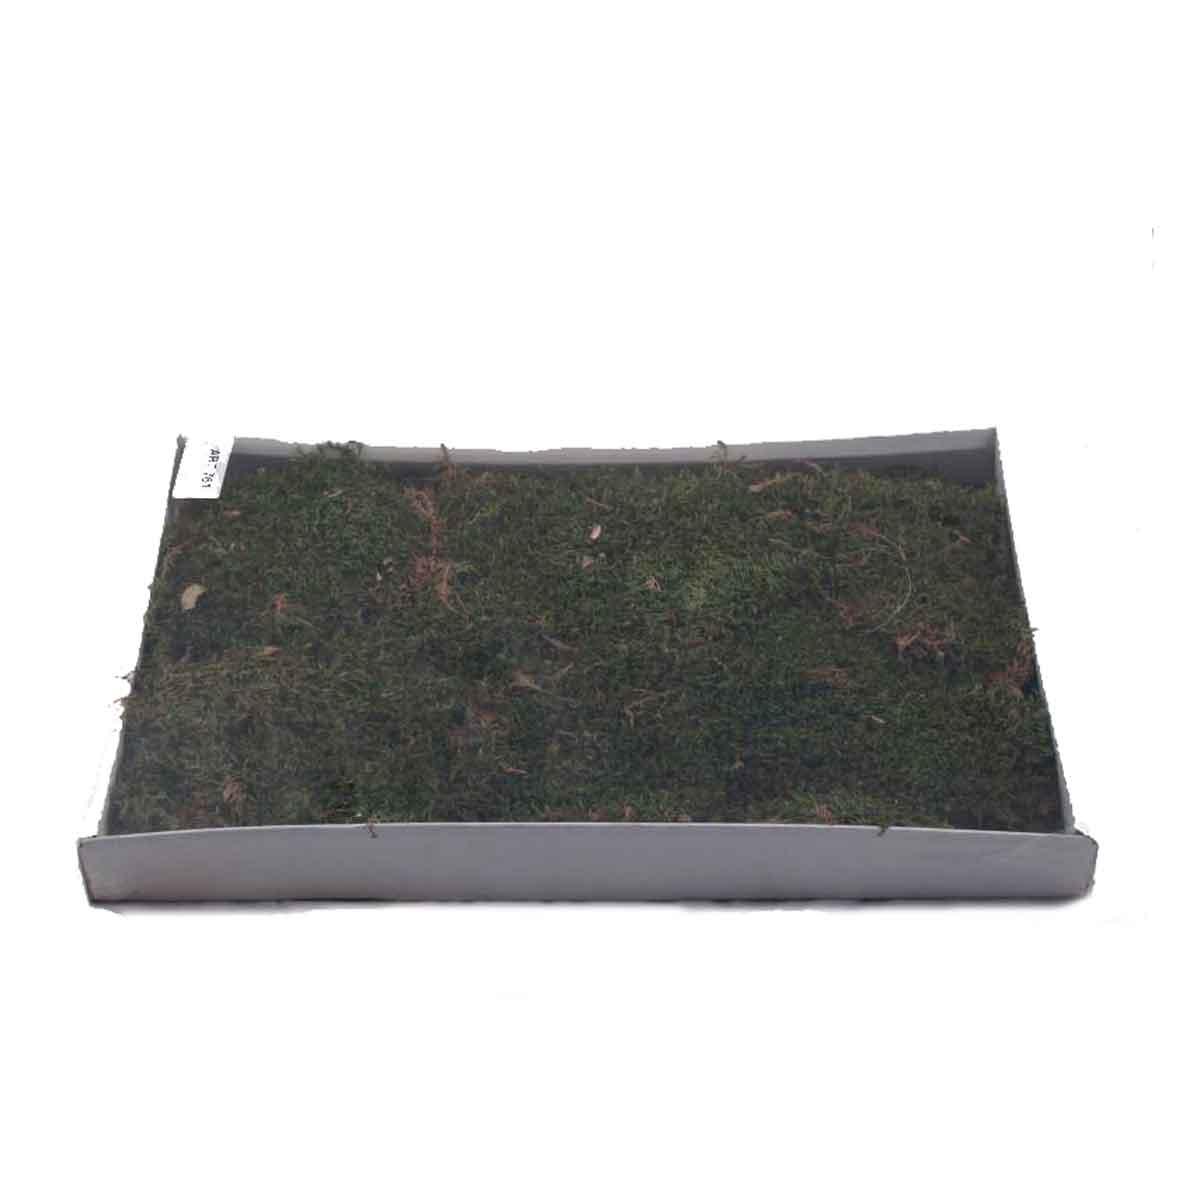 Presepe – Scatola di Muschio a Tappeto 350g